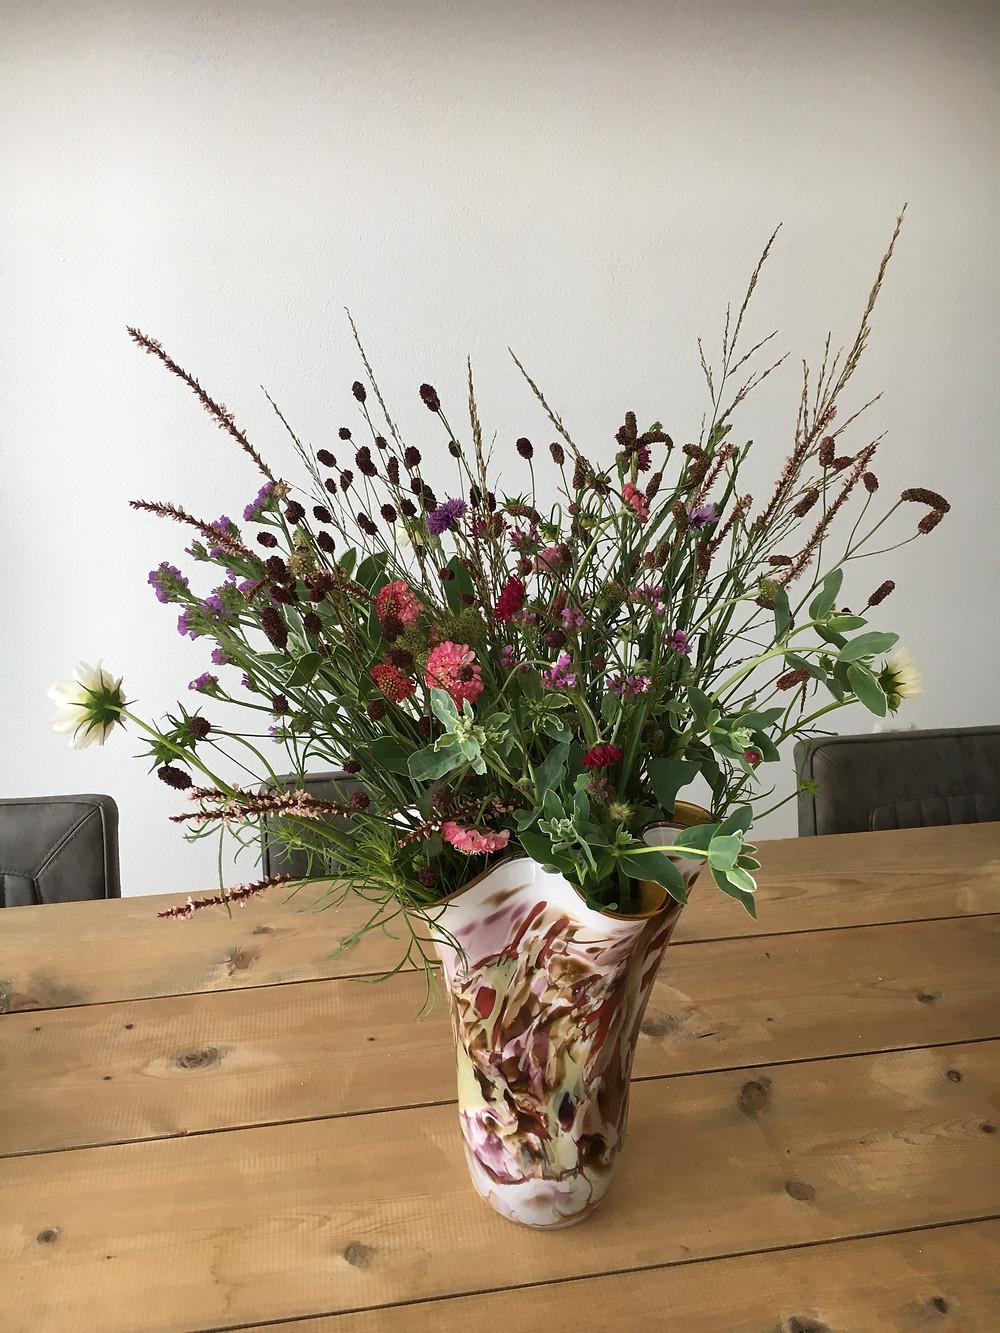 Wilde bloemen, Details, fotografie, Laura Nieuwkoop, Waspik, Waalwijk